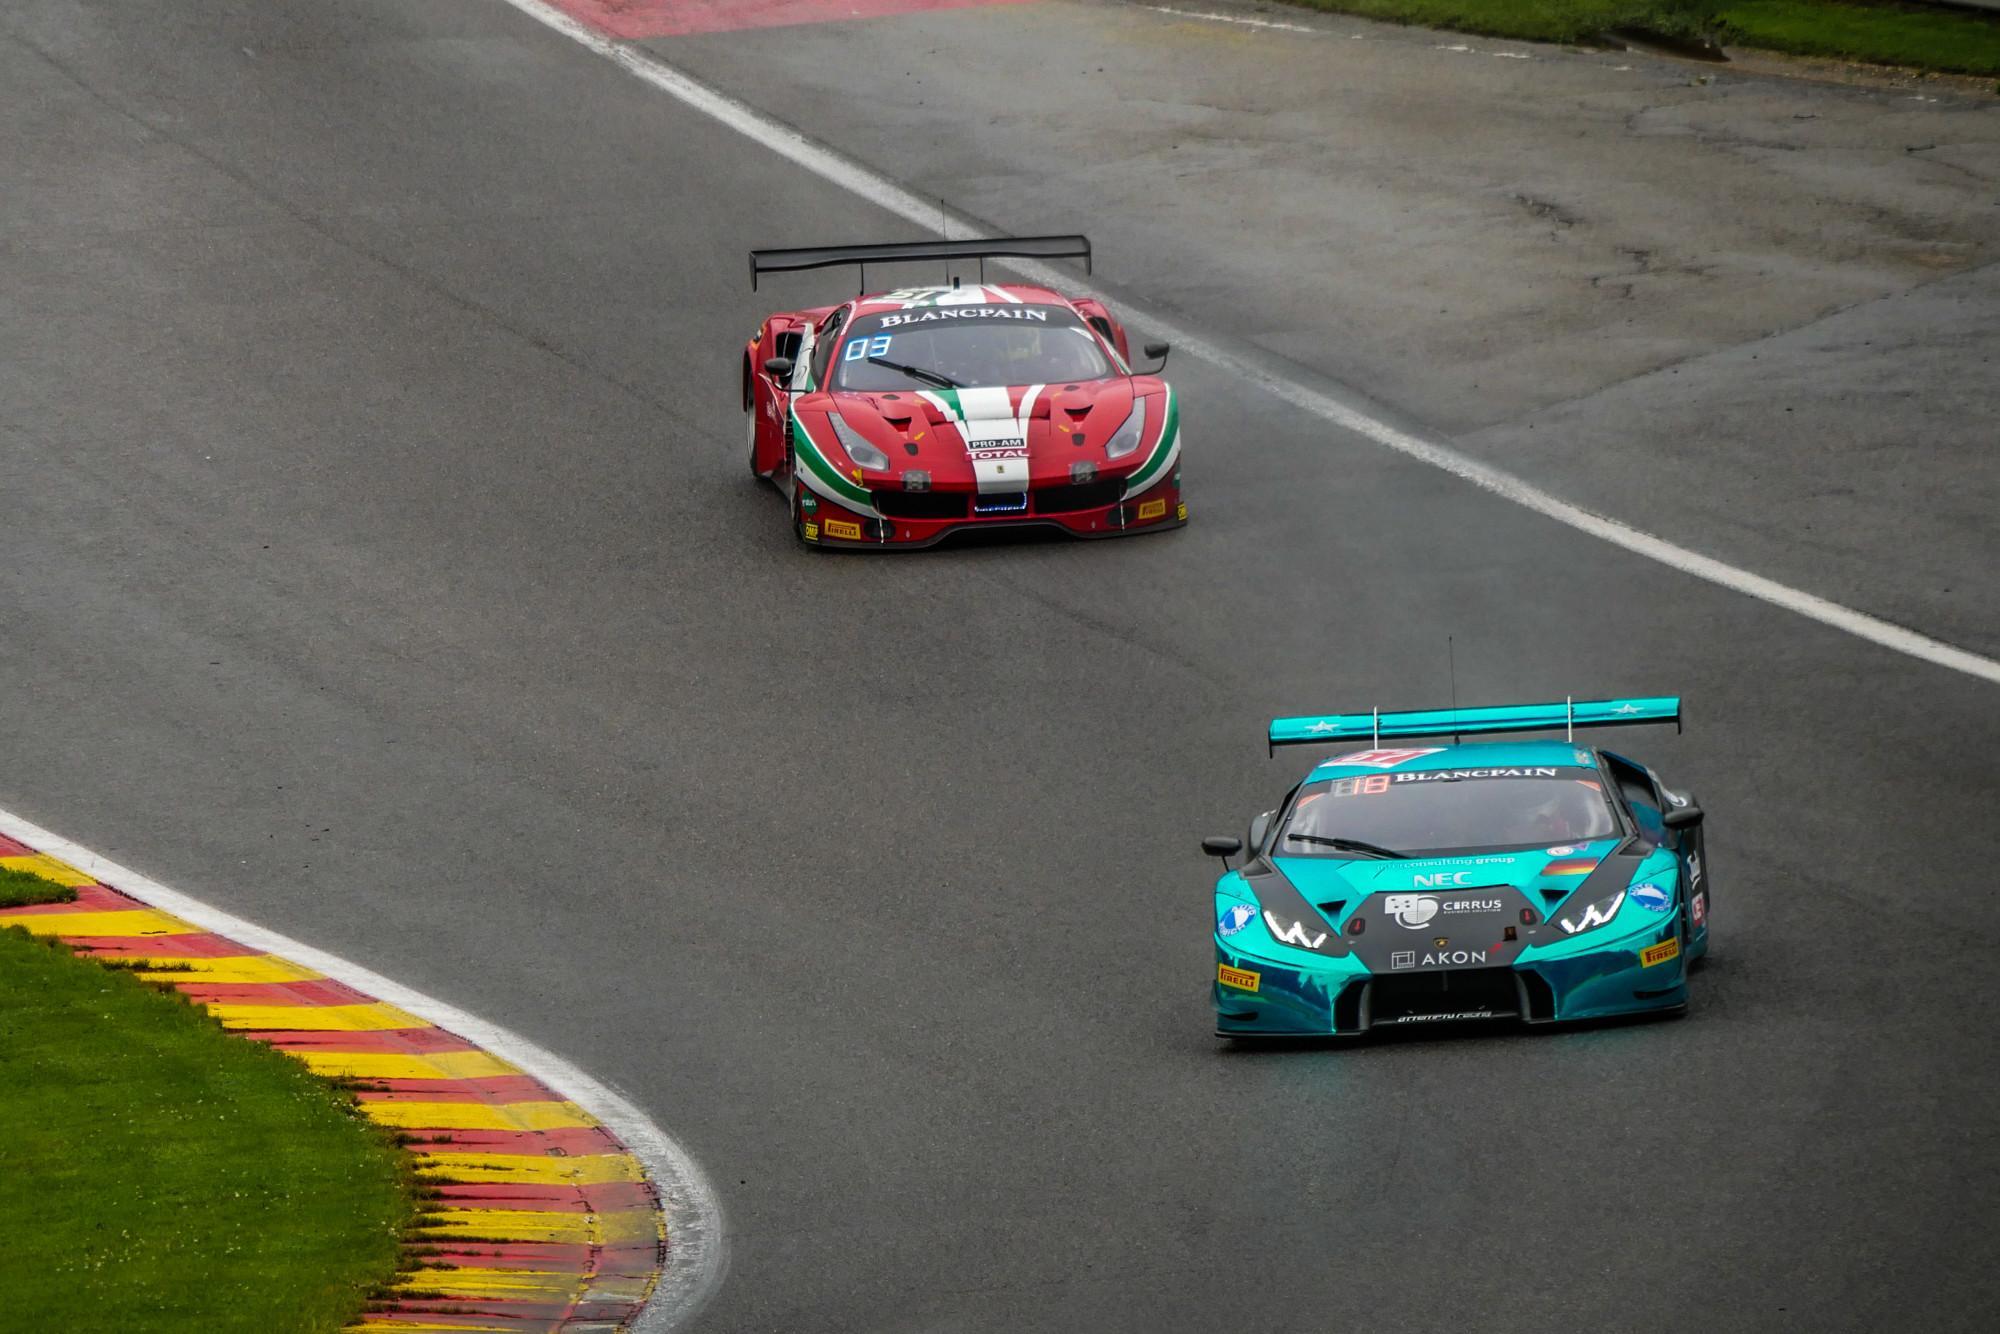 24 Heures de Spa-Francorchamps 2017 - Lamborghini & Ferrari